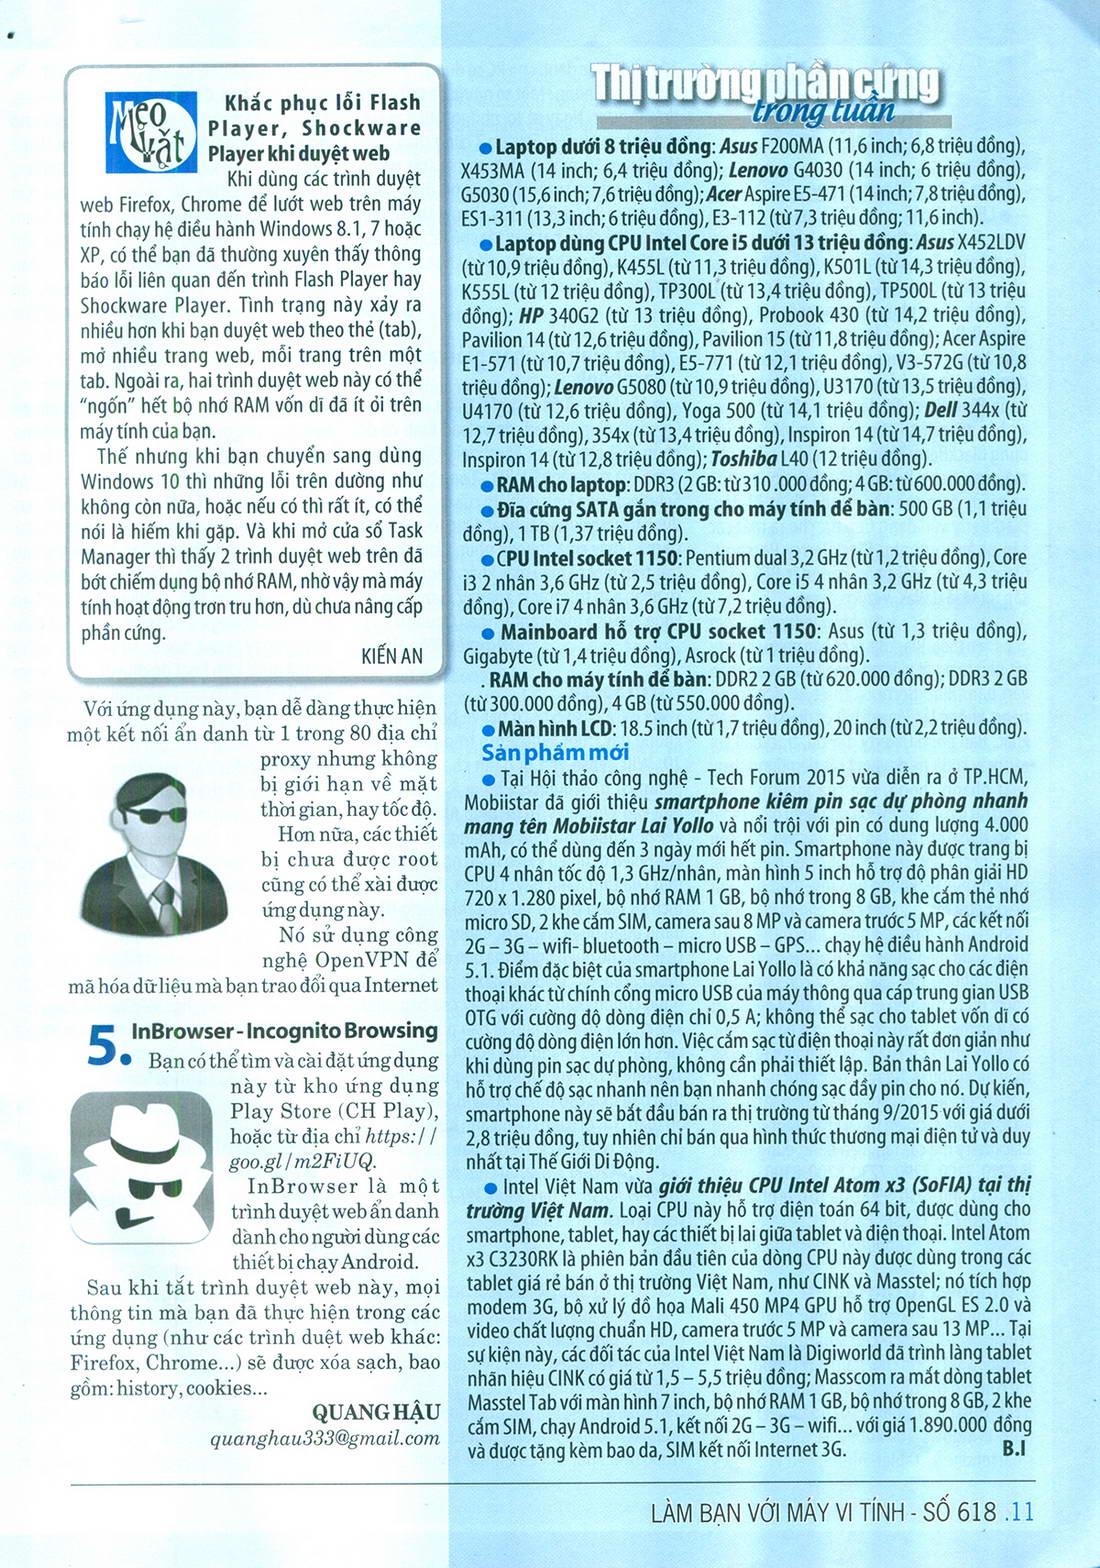 Lam ban vo may vi tinh 618 - tapchicntt.com